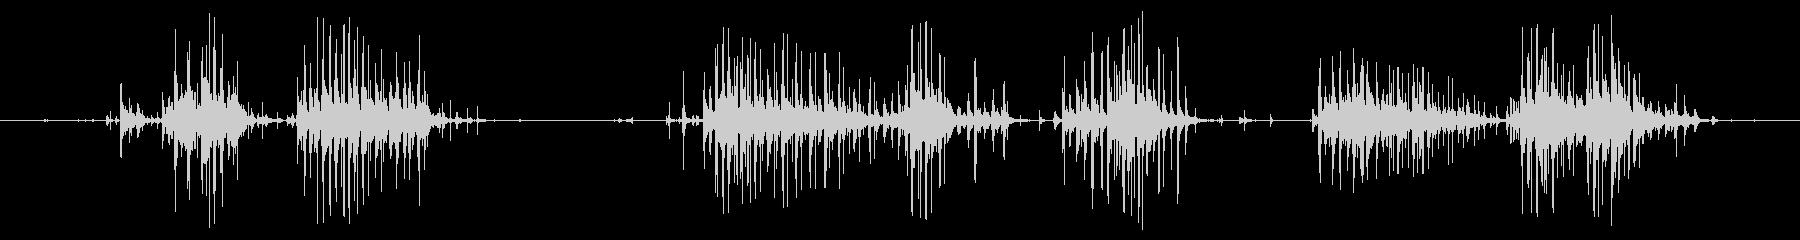 ガーニーホイールシェークとチャタリングの未再生の波形